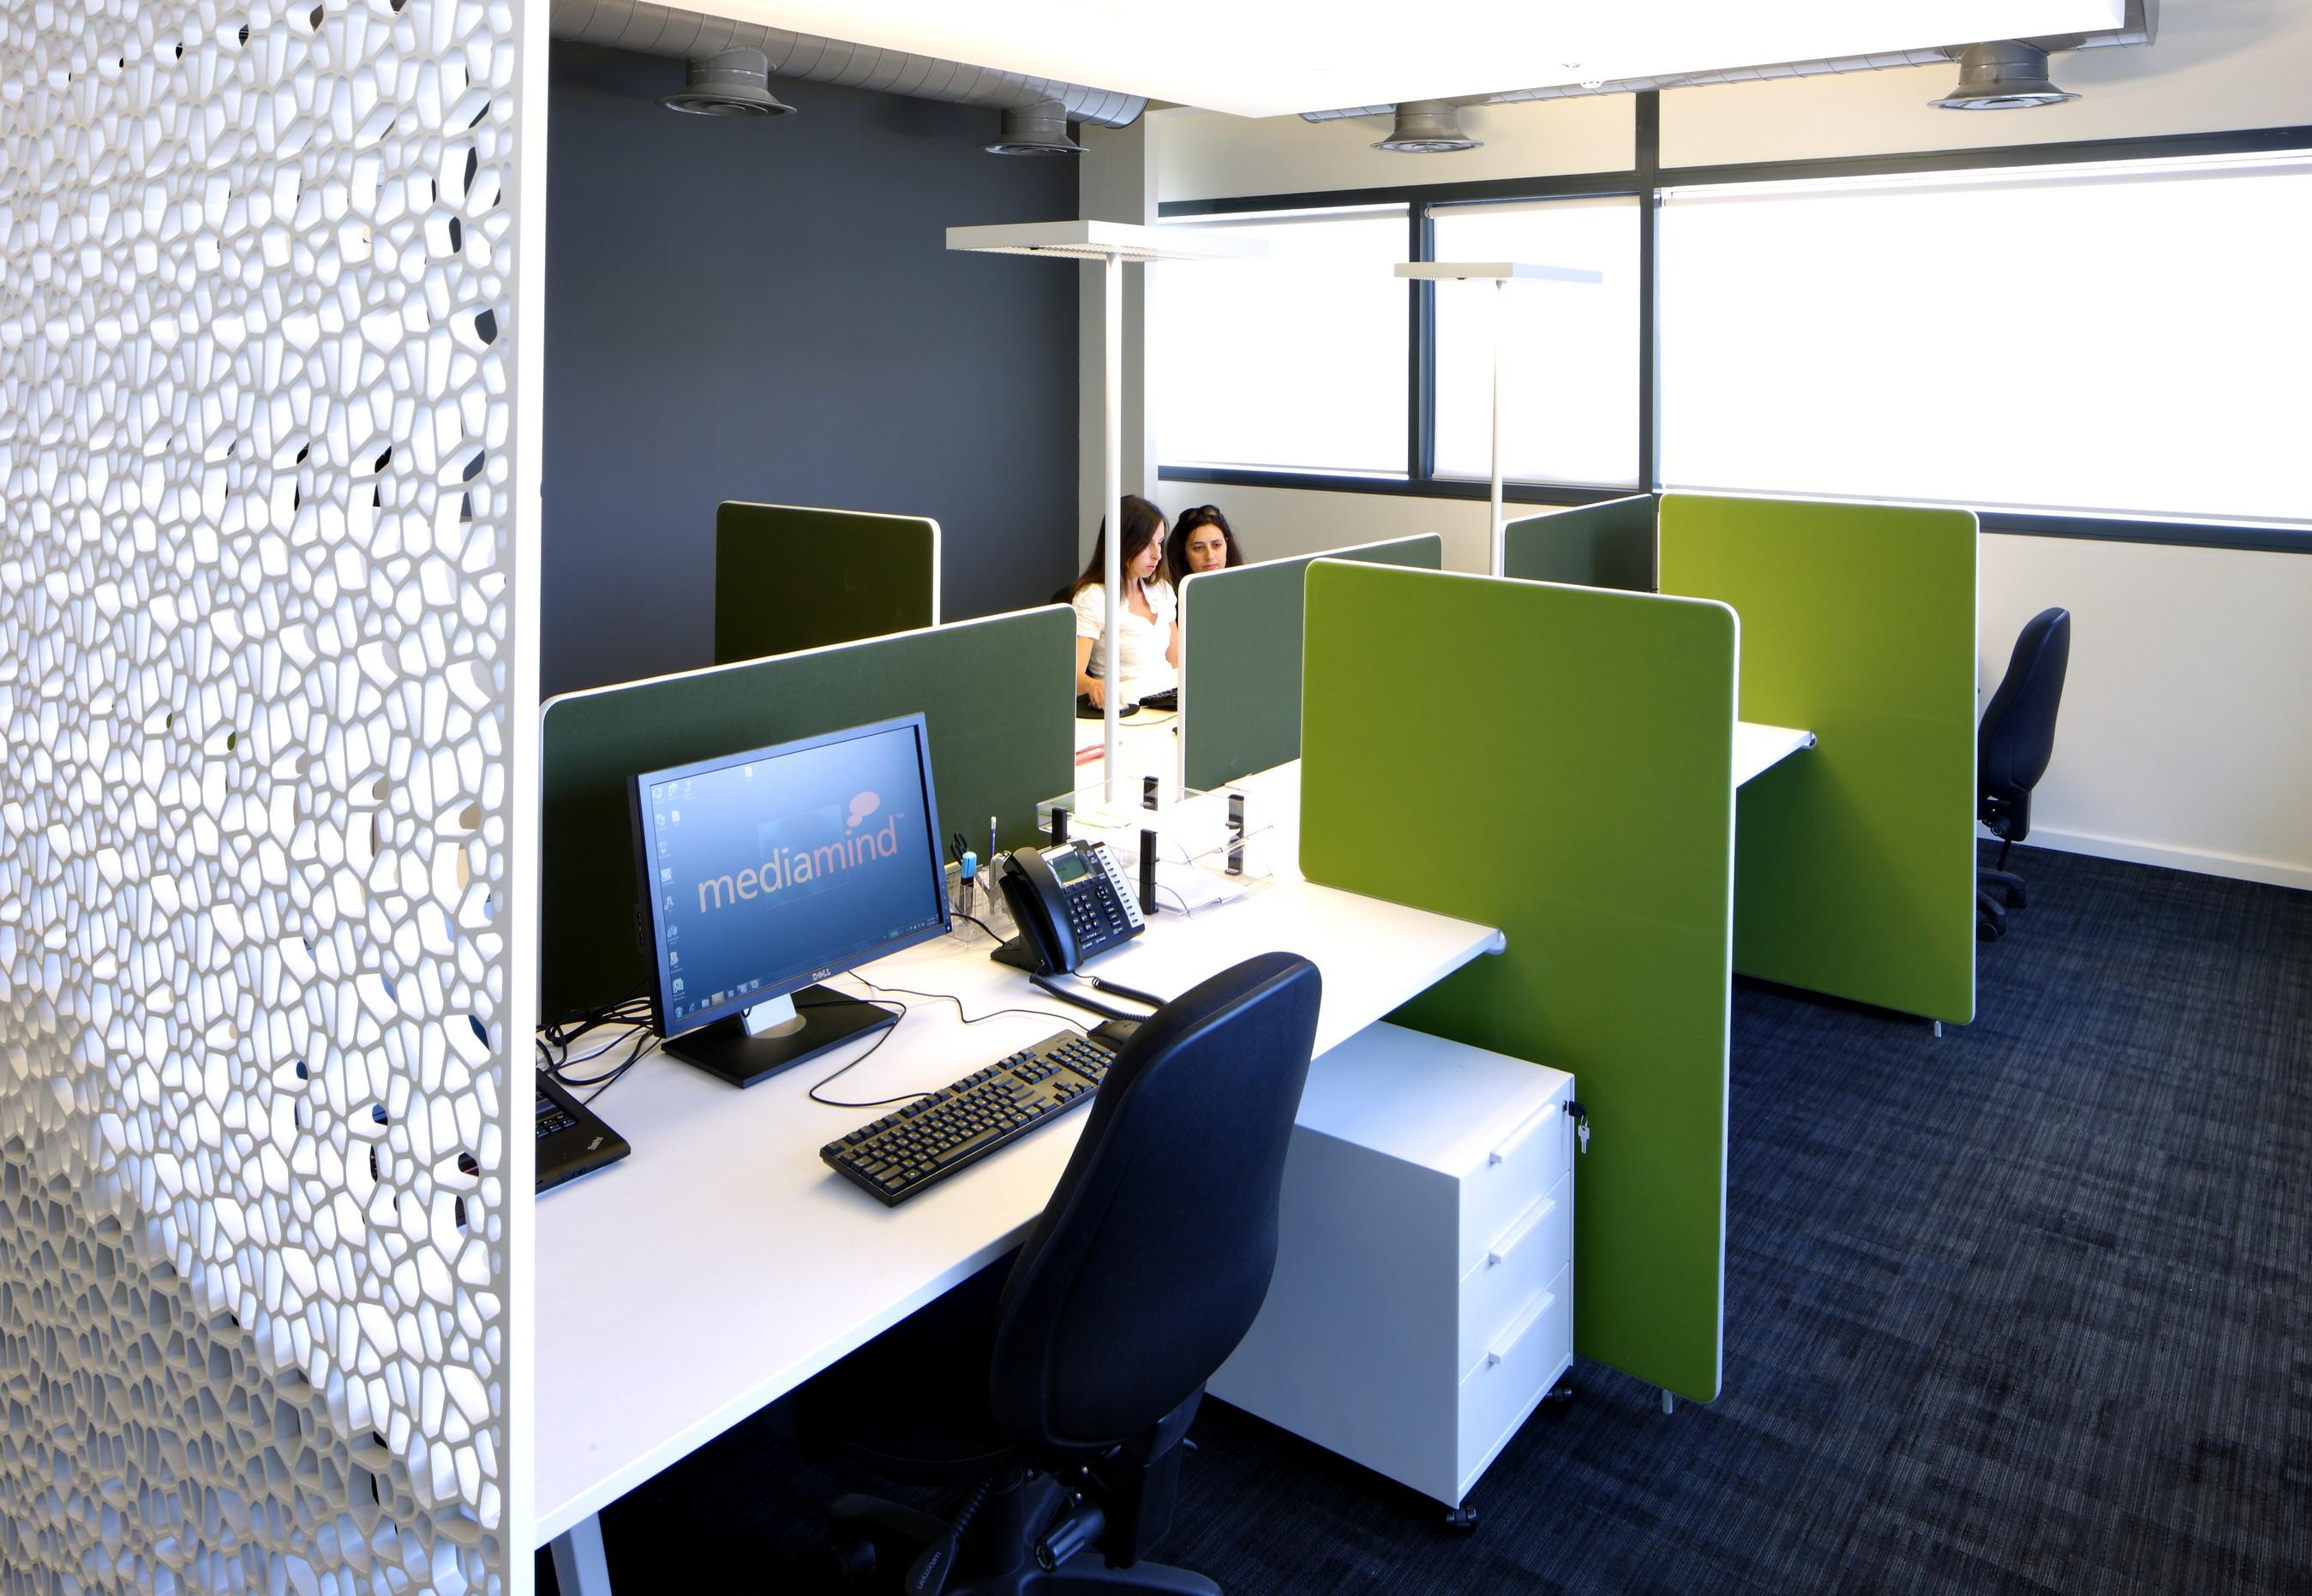 עיצוב משרדים הייטק - סיזמק הרצליה